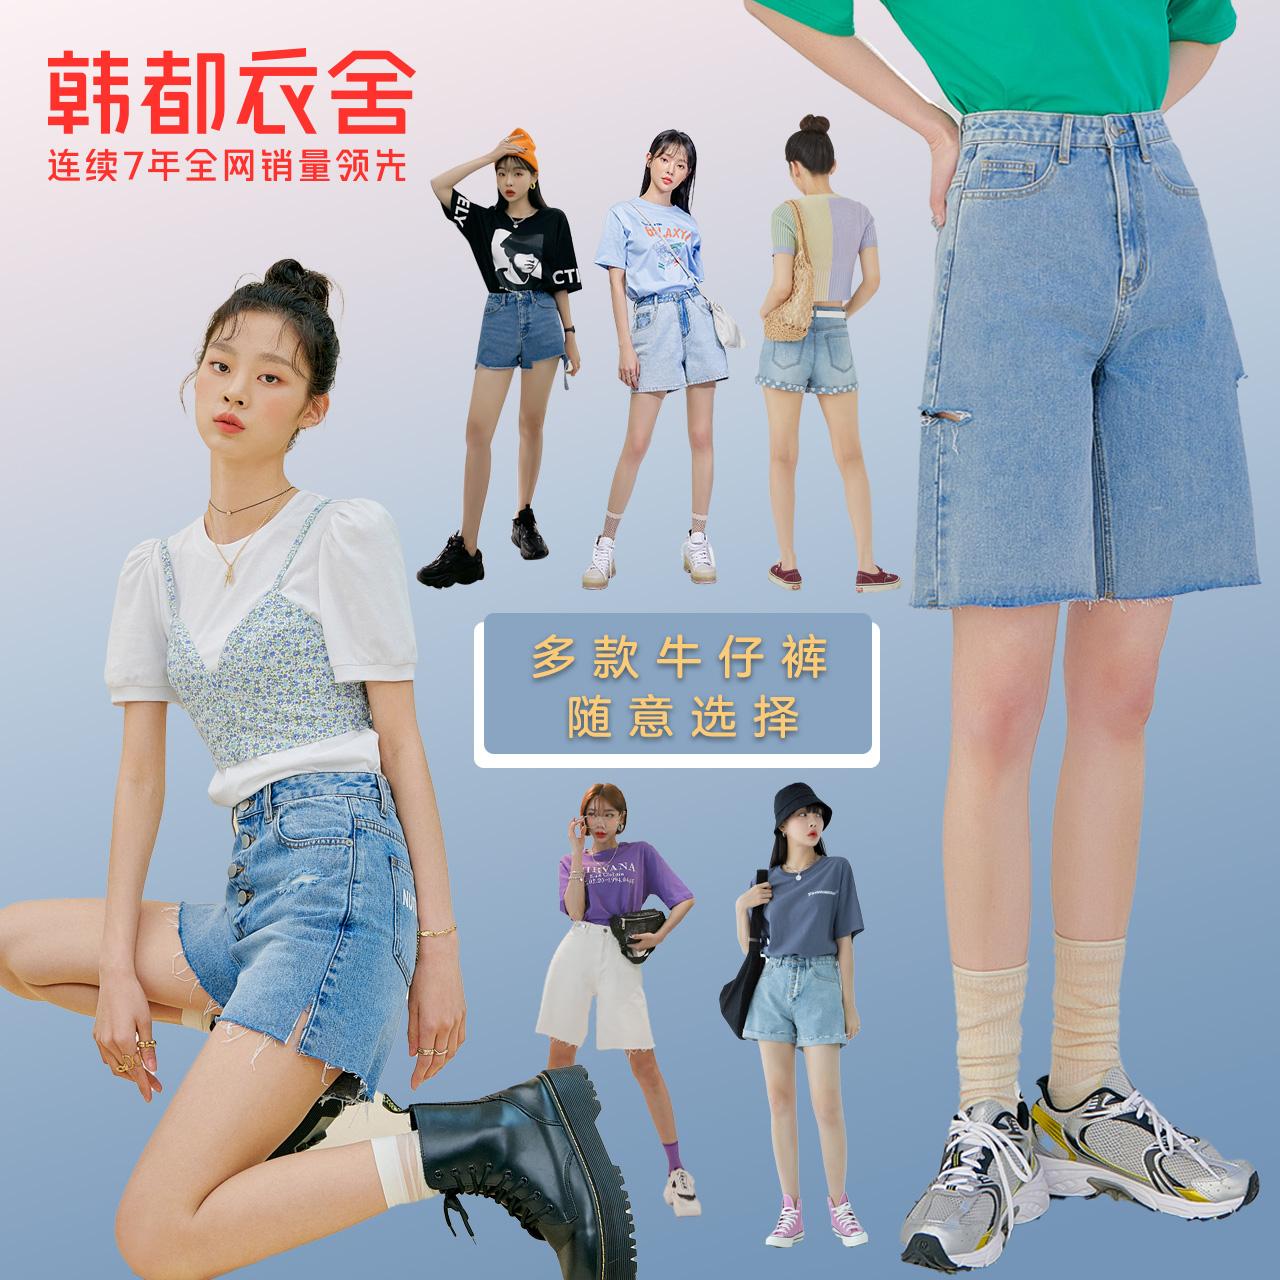 【低至49】韩都衣舍2021新款牛仔短裤夏辣妹薄款高腰裤子女ins潮